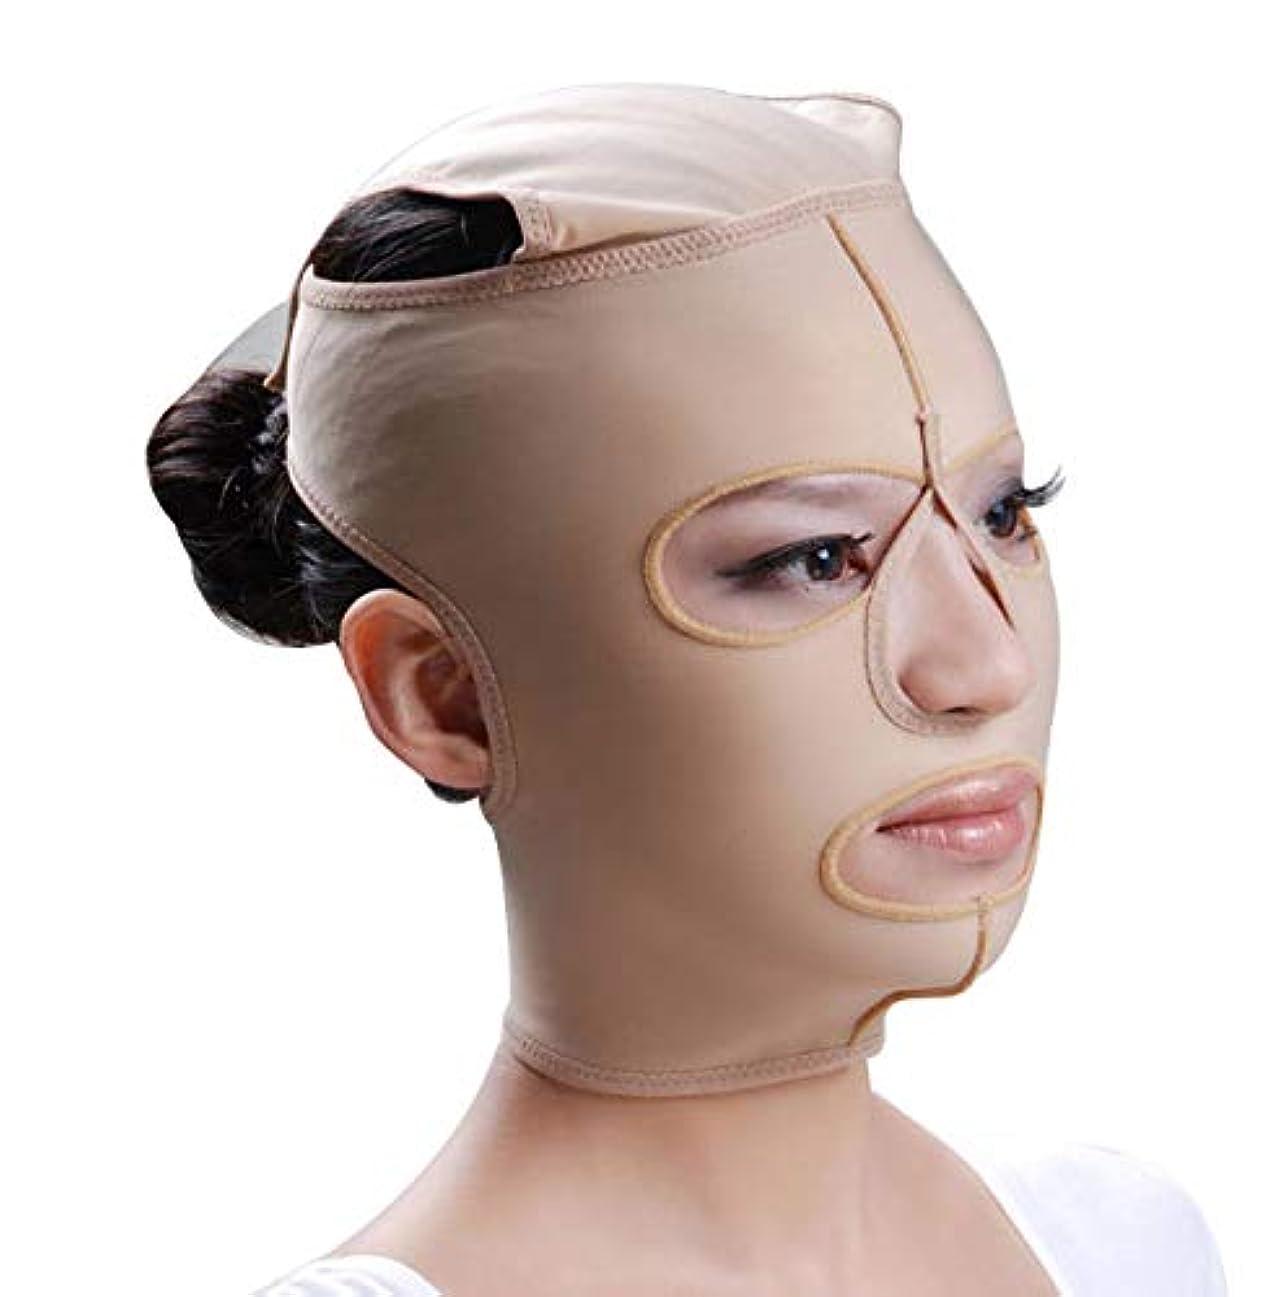 購入拾う床を掃除するGLJJQMY ファーミングマスクマスク弾性表面リフティングファーミングパターンマイクロフィニッシングモデリング圧縮マスク 顔用整形マスク (Size : S)